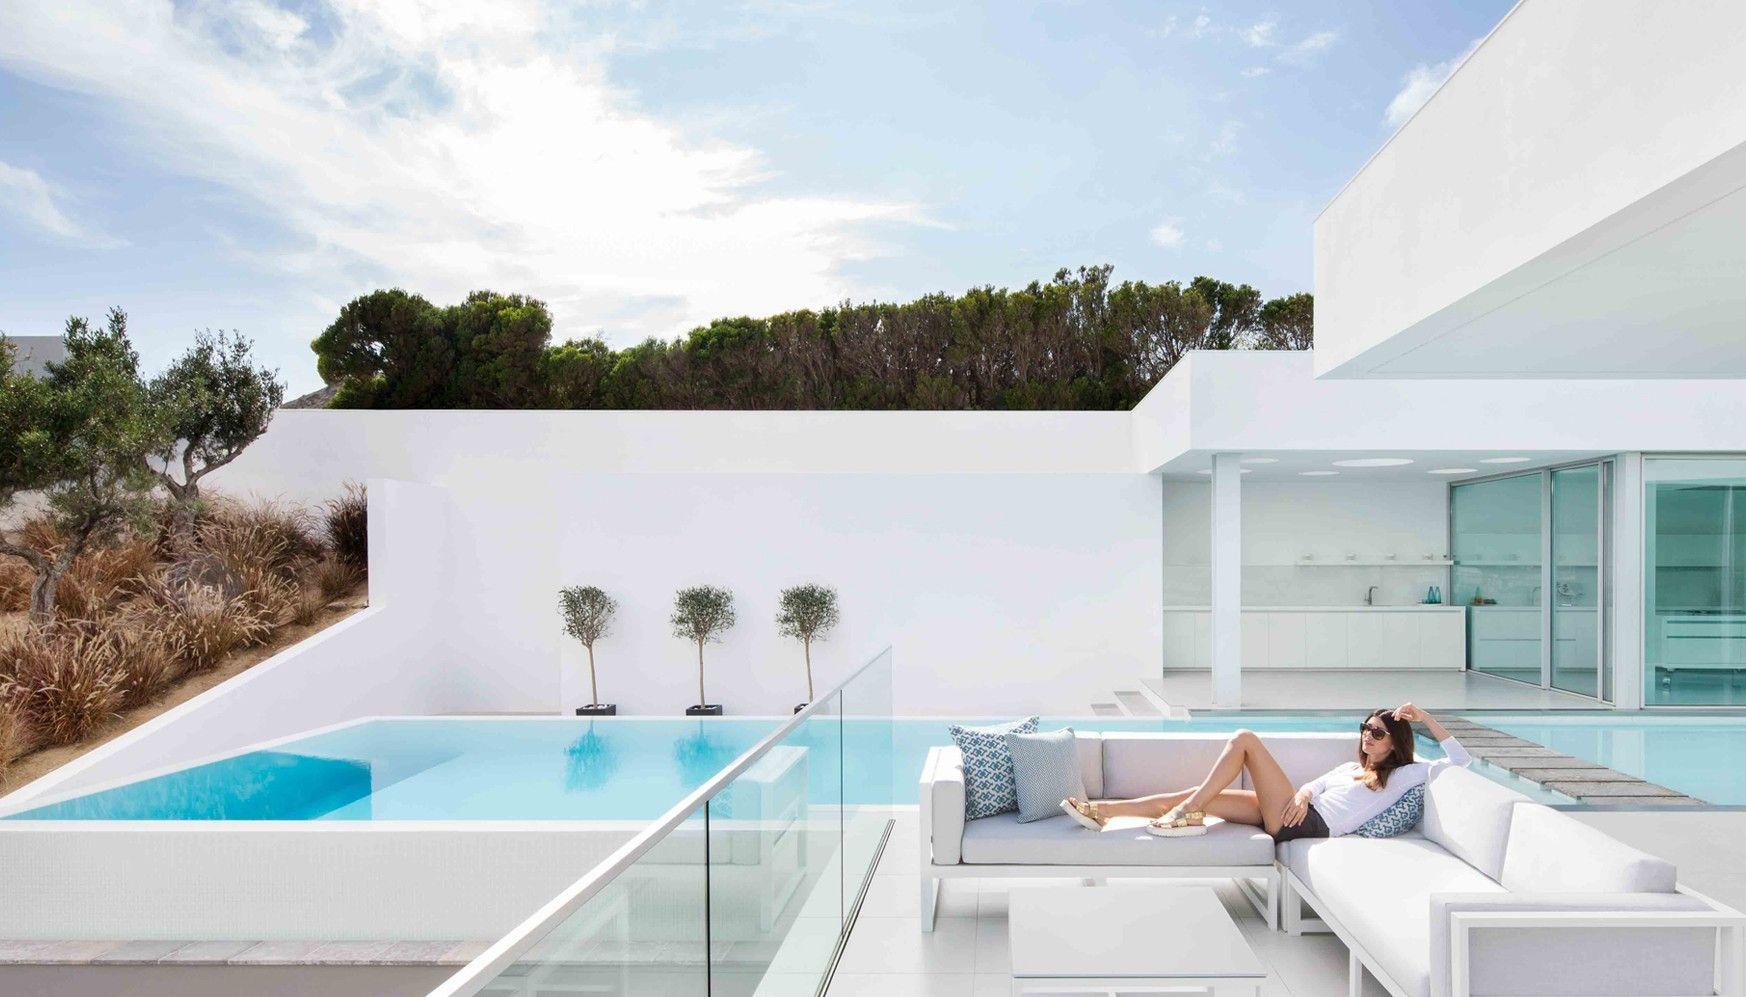 Salon De Jardin Design Luxe Plus Fantaisie Emejing Salon De ... à Mobilier De Jardin Design De Luxe